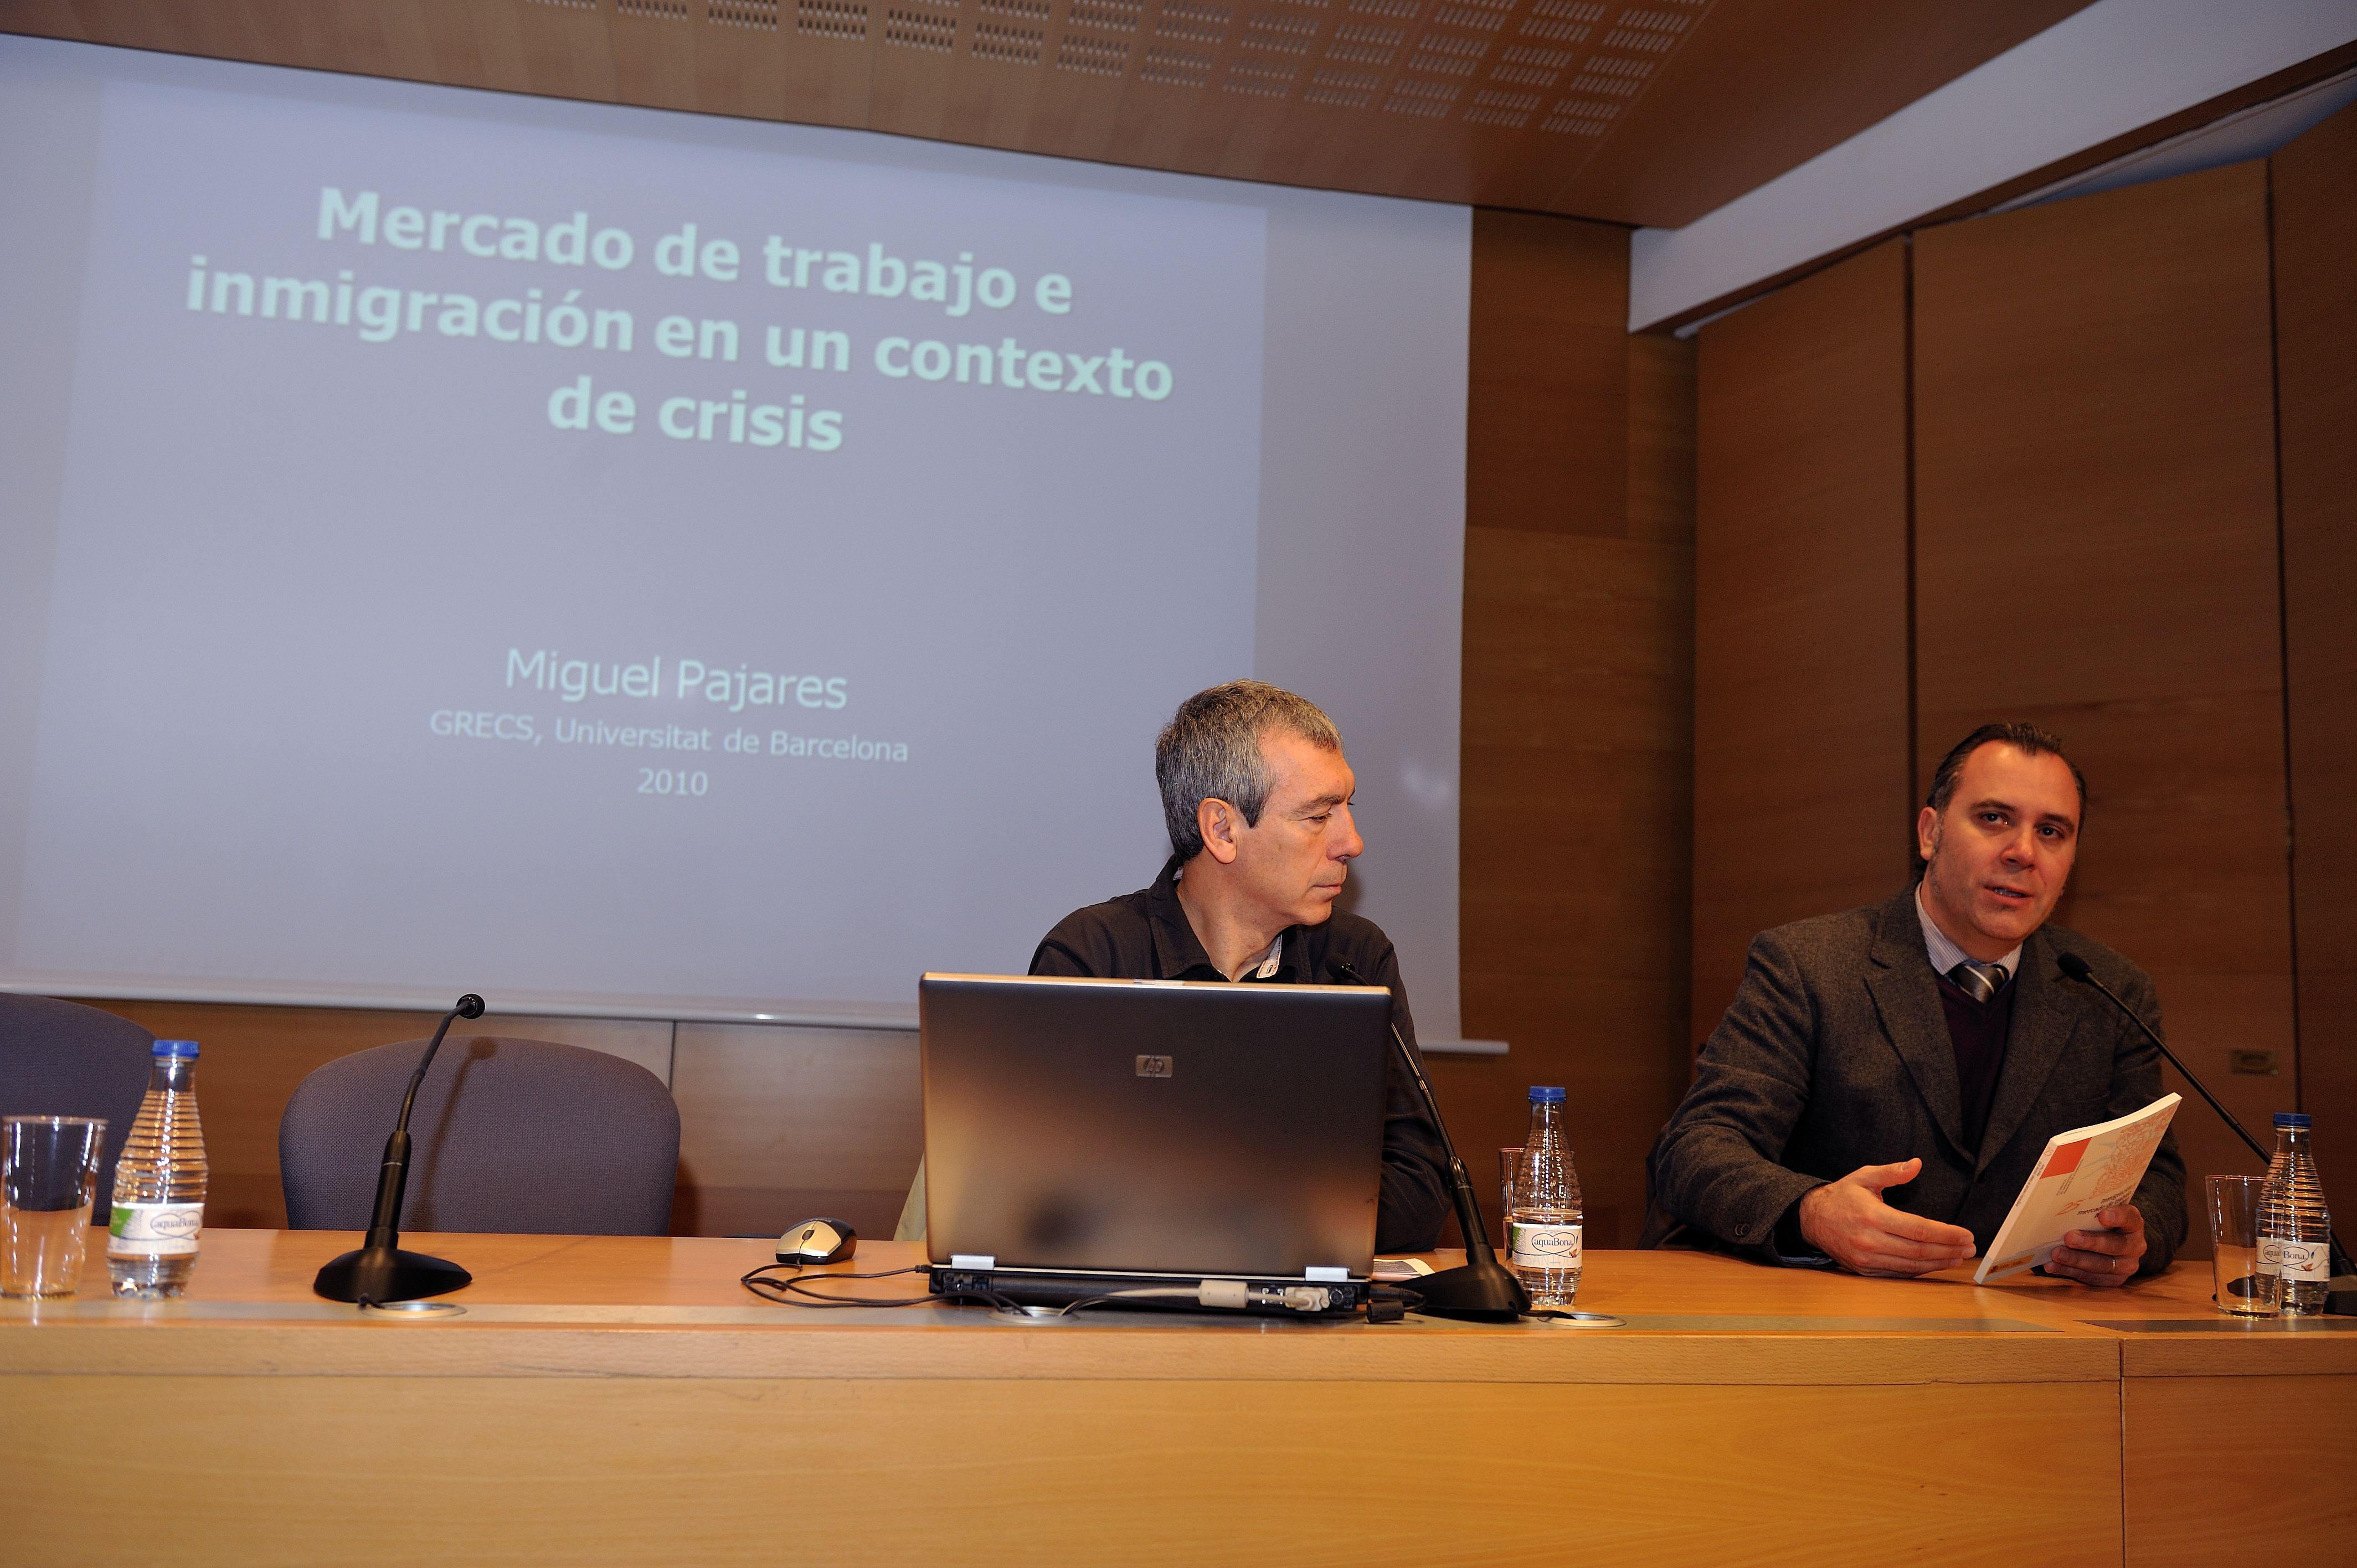 seminario_inmigracion5.jpg